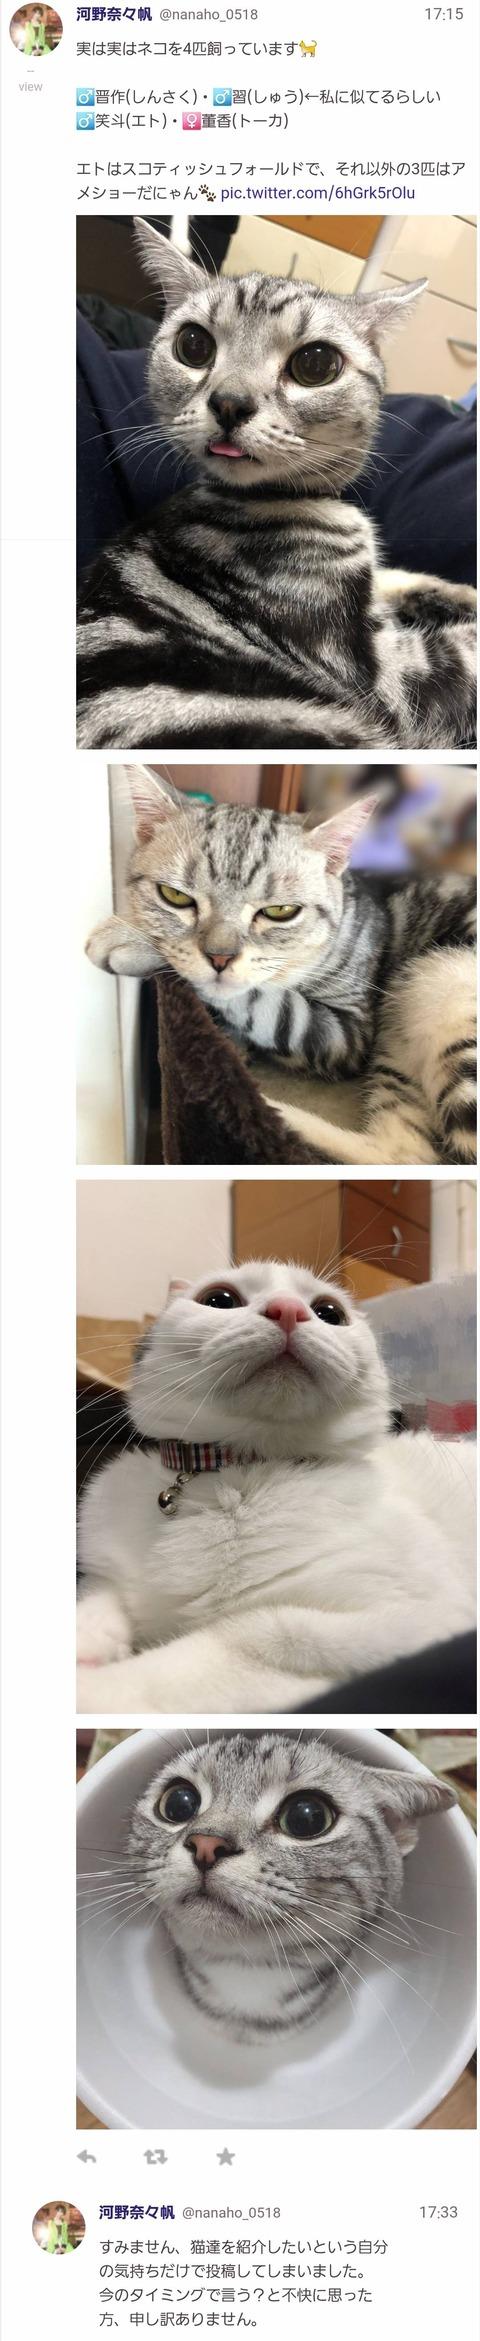 【悲報】NMB48河野奈々帆さん、猫を飼ってることを突然報告したらフルボッコで謝罪